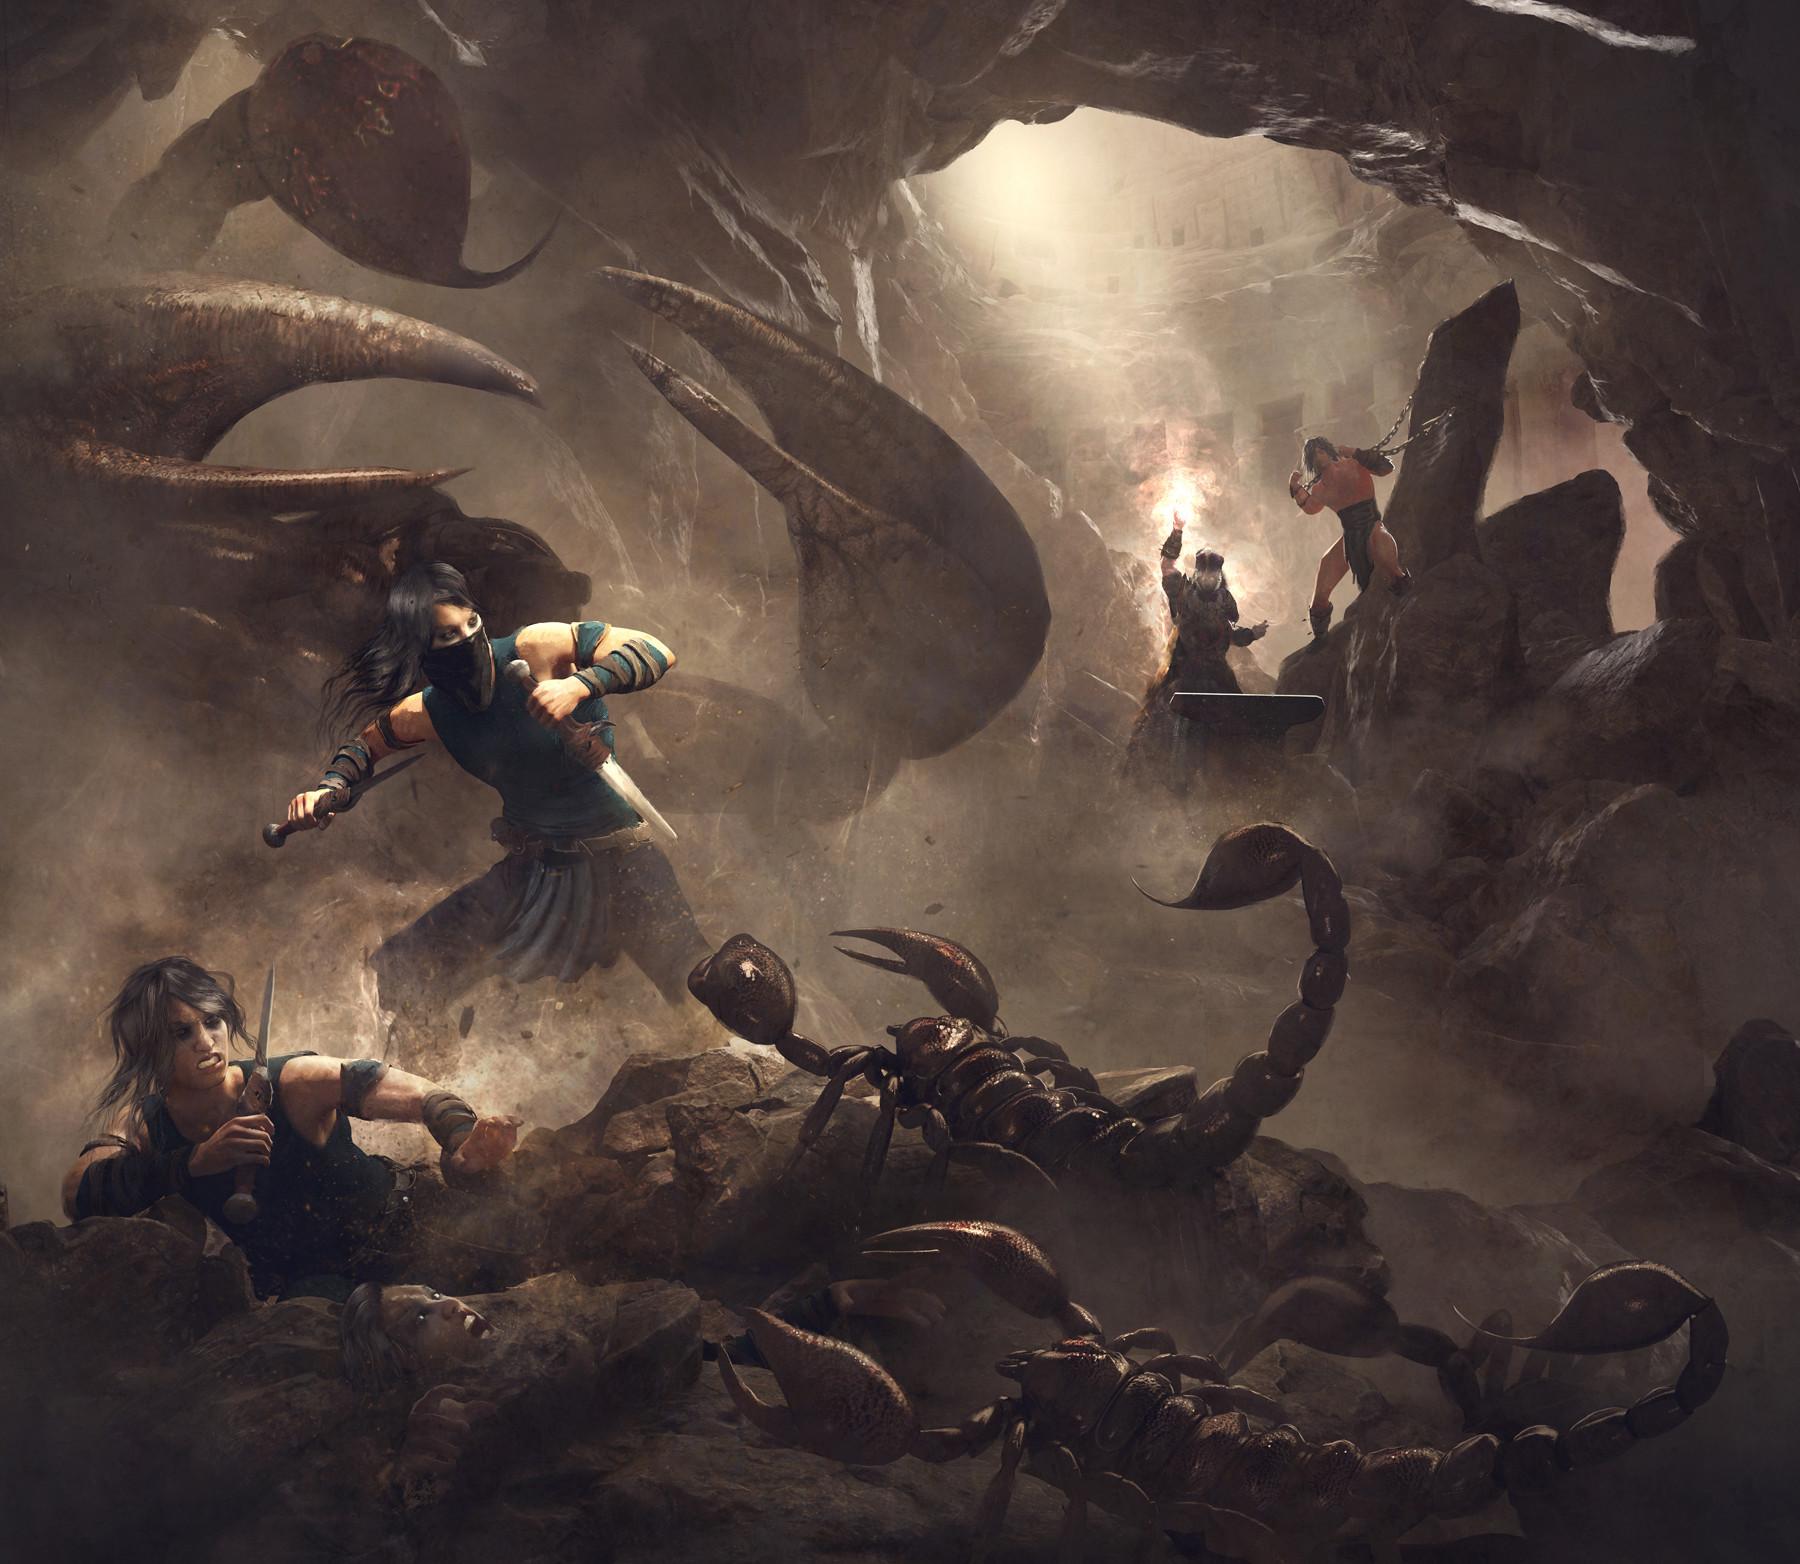 Conan: Stygia expansion